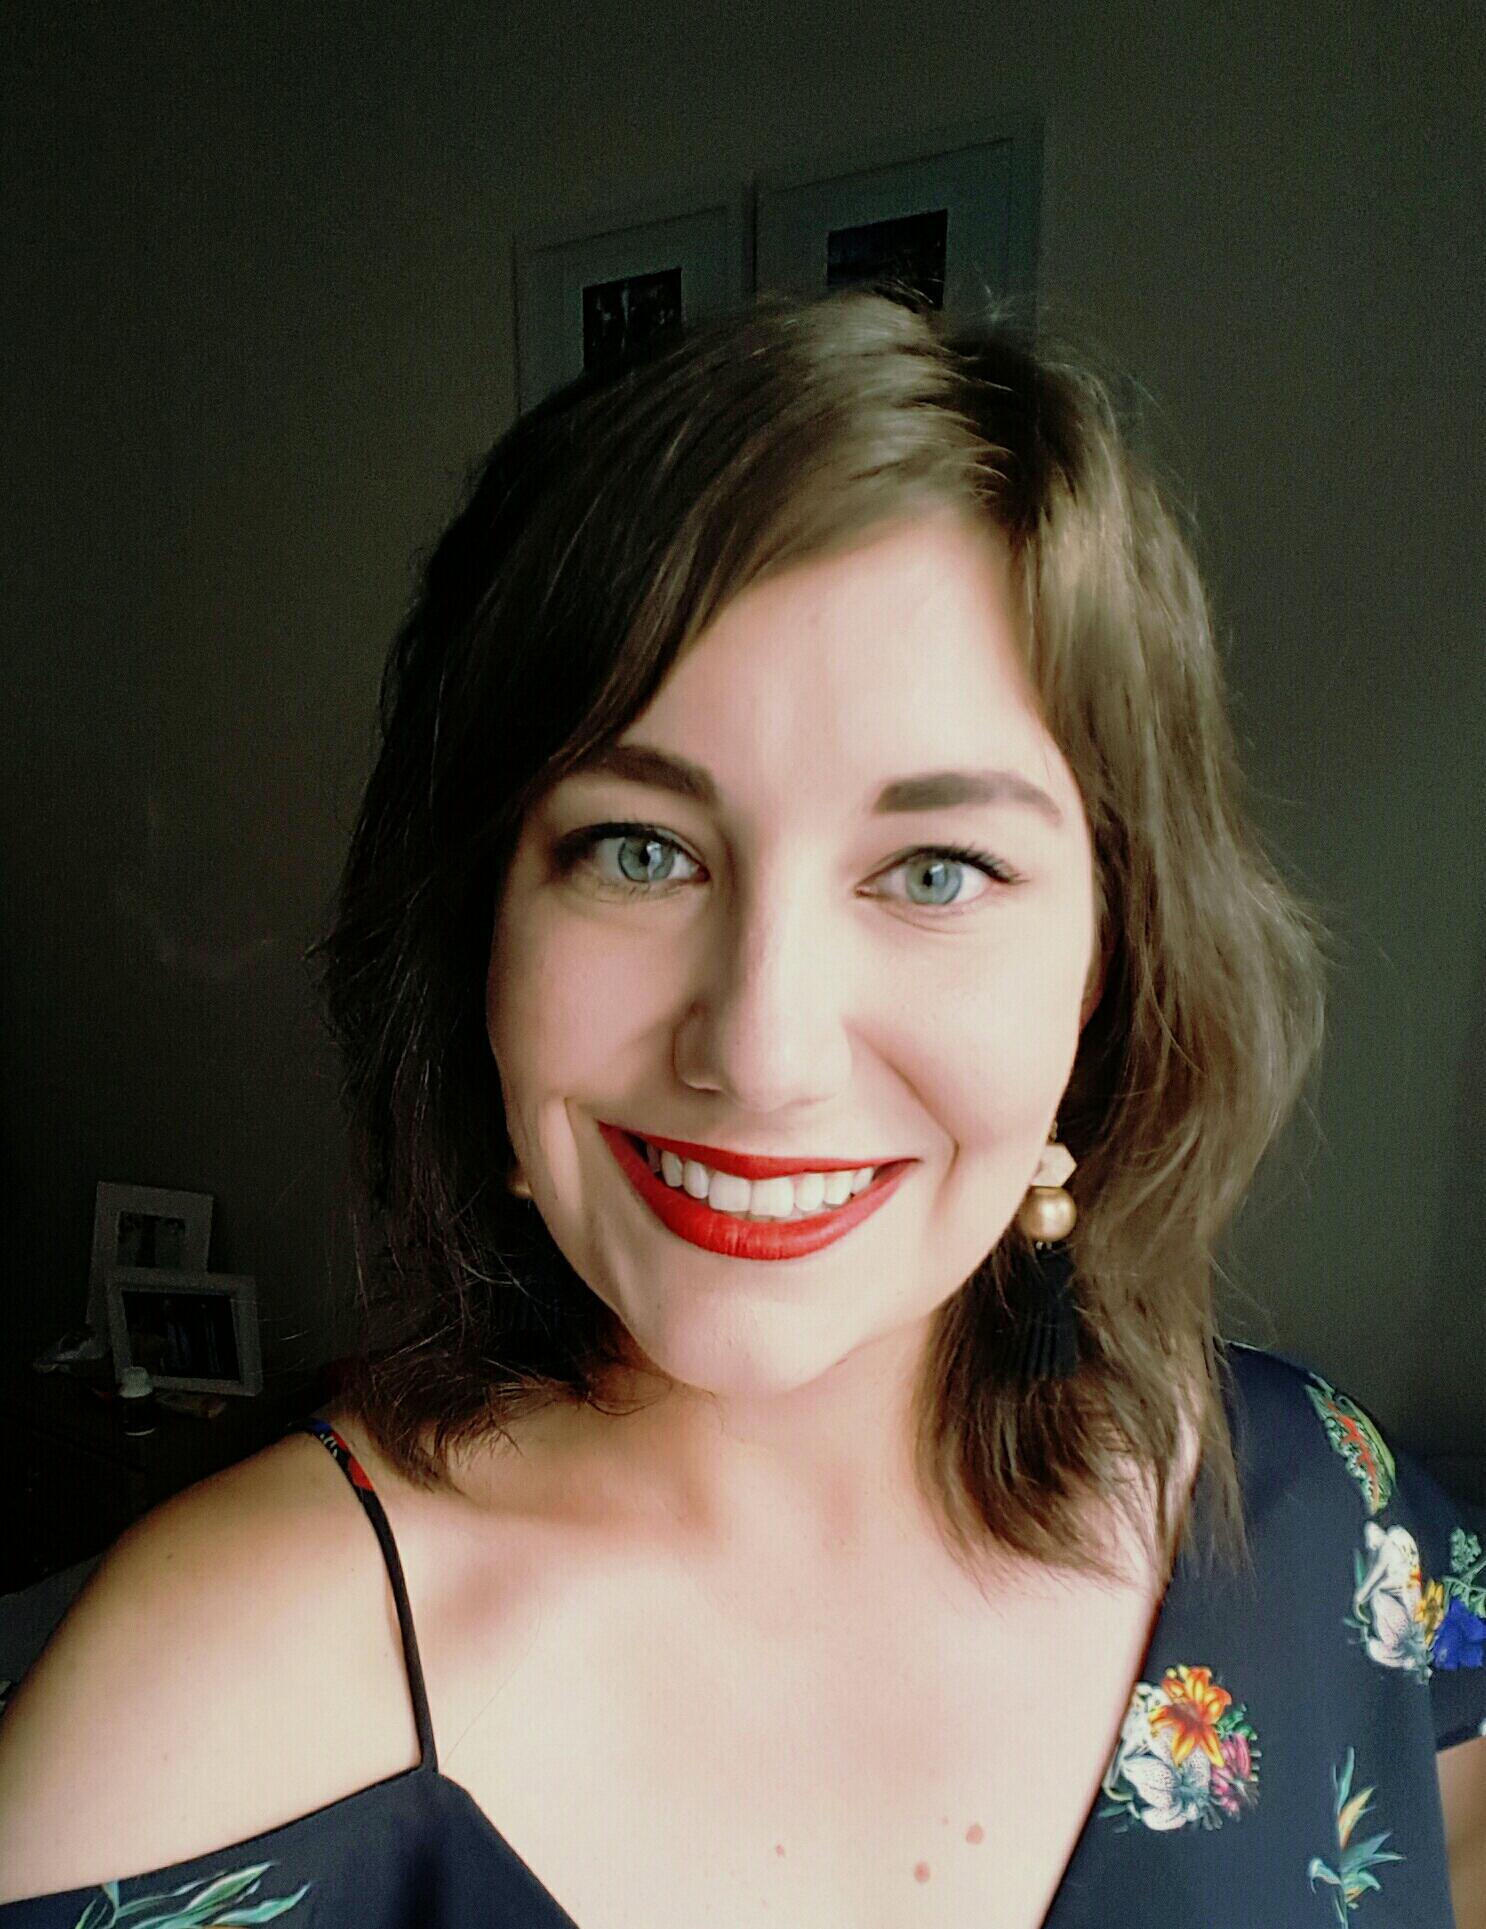 Meagan's profile picture